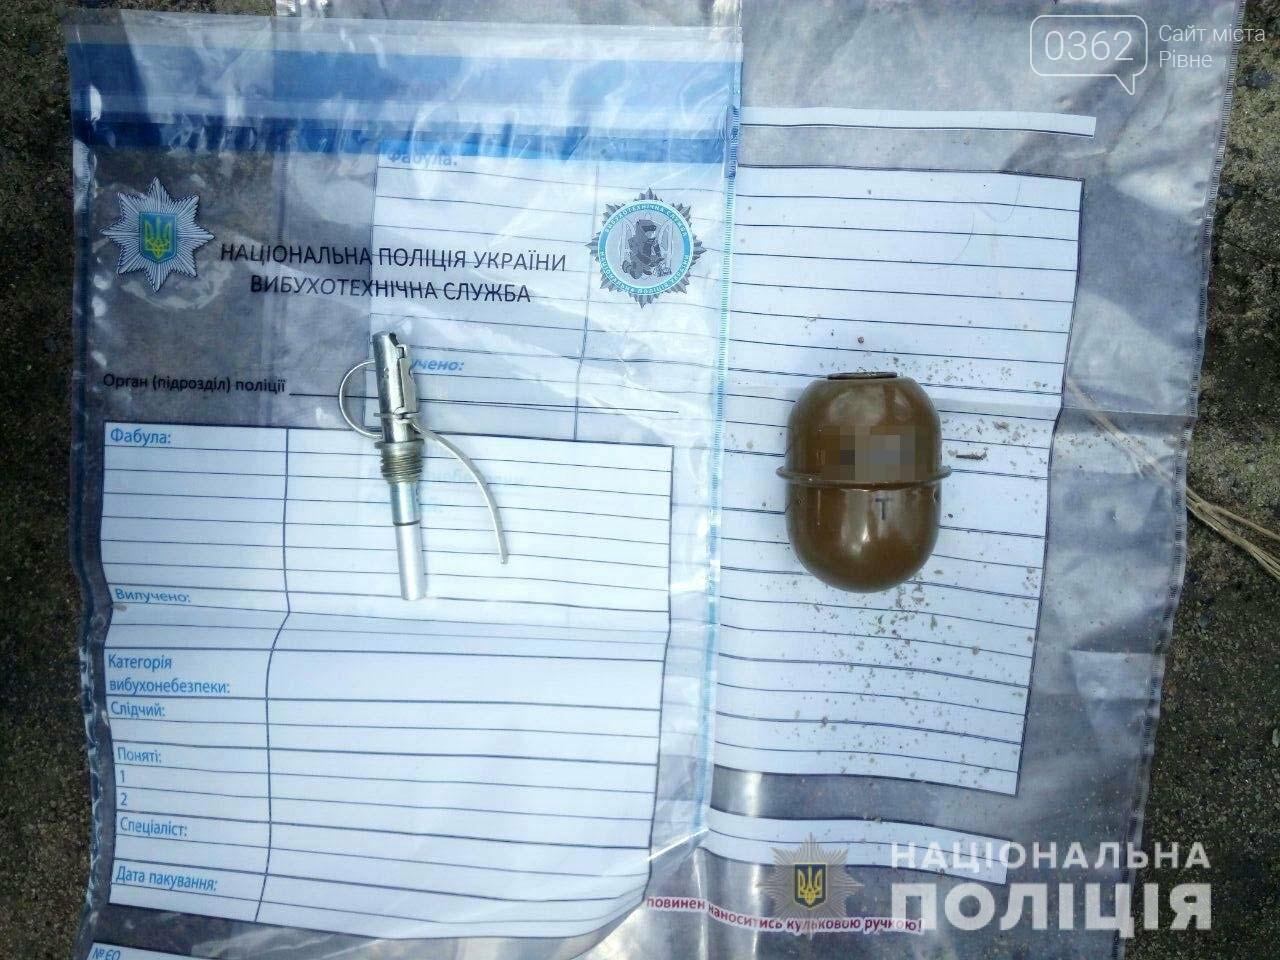 366 патронів, 11 гранат, пластид та обрізи вилучили у жителів Рівненщини (ФОТО), фото-7